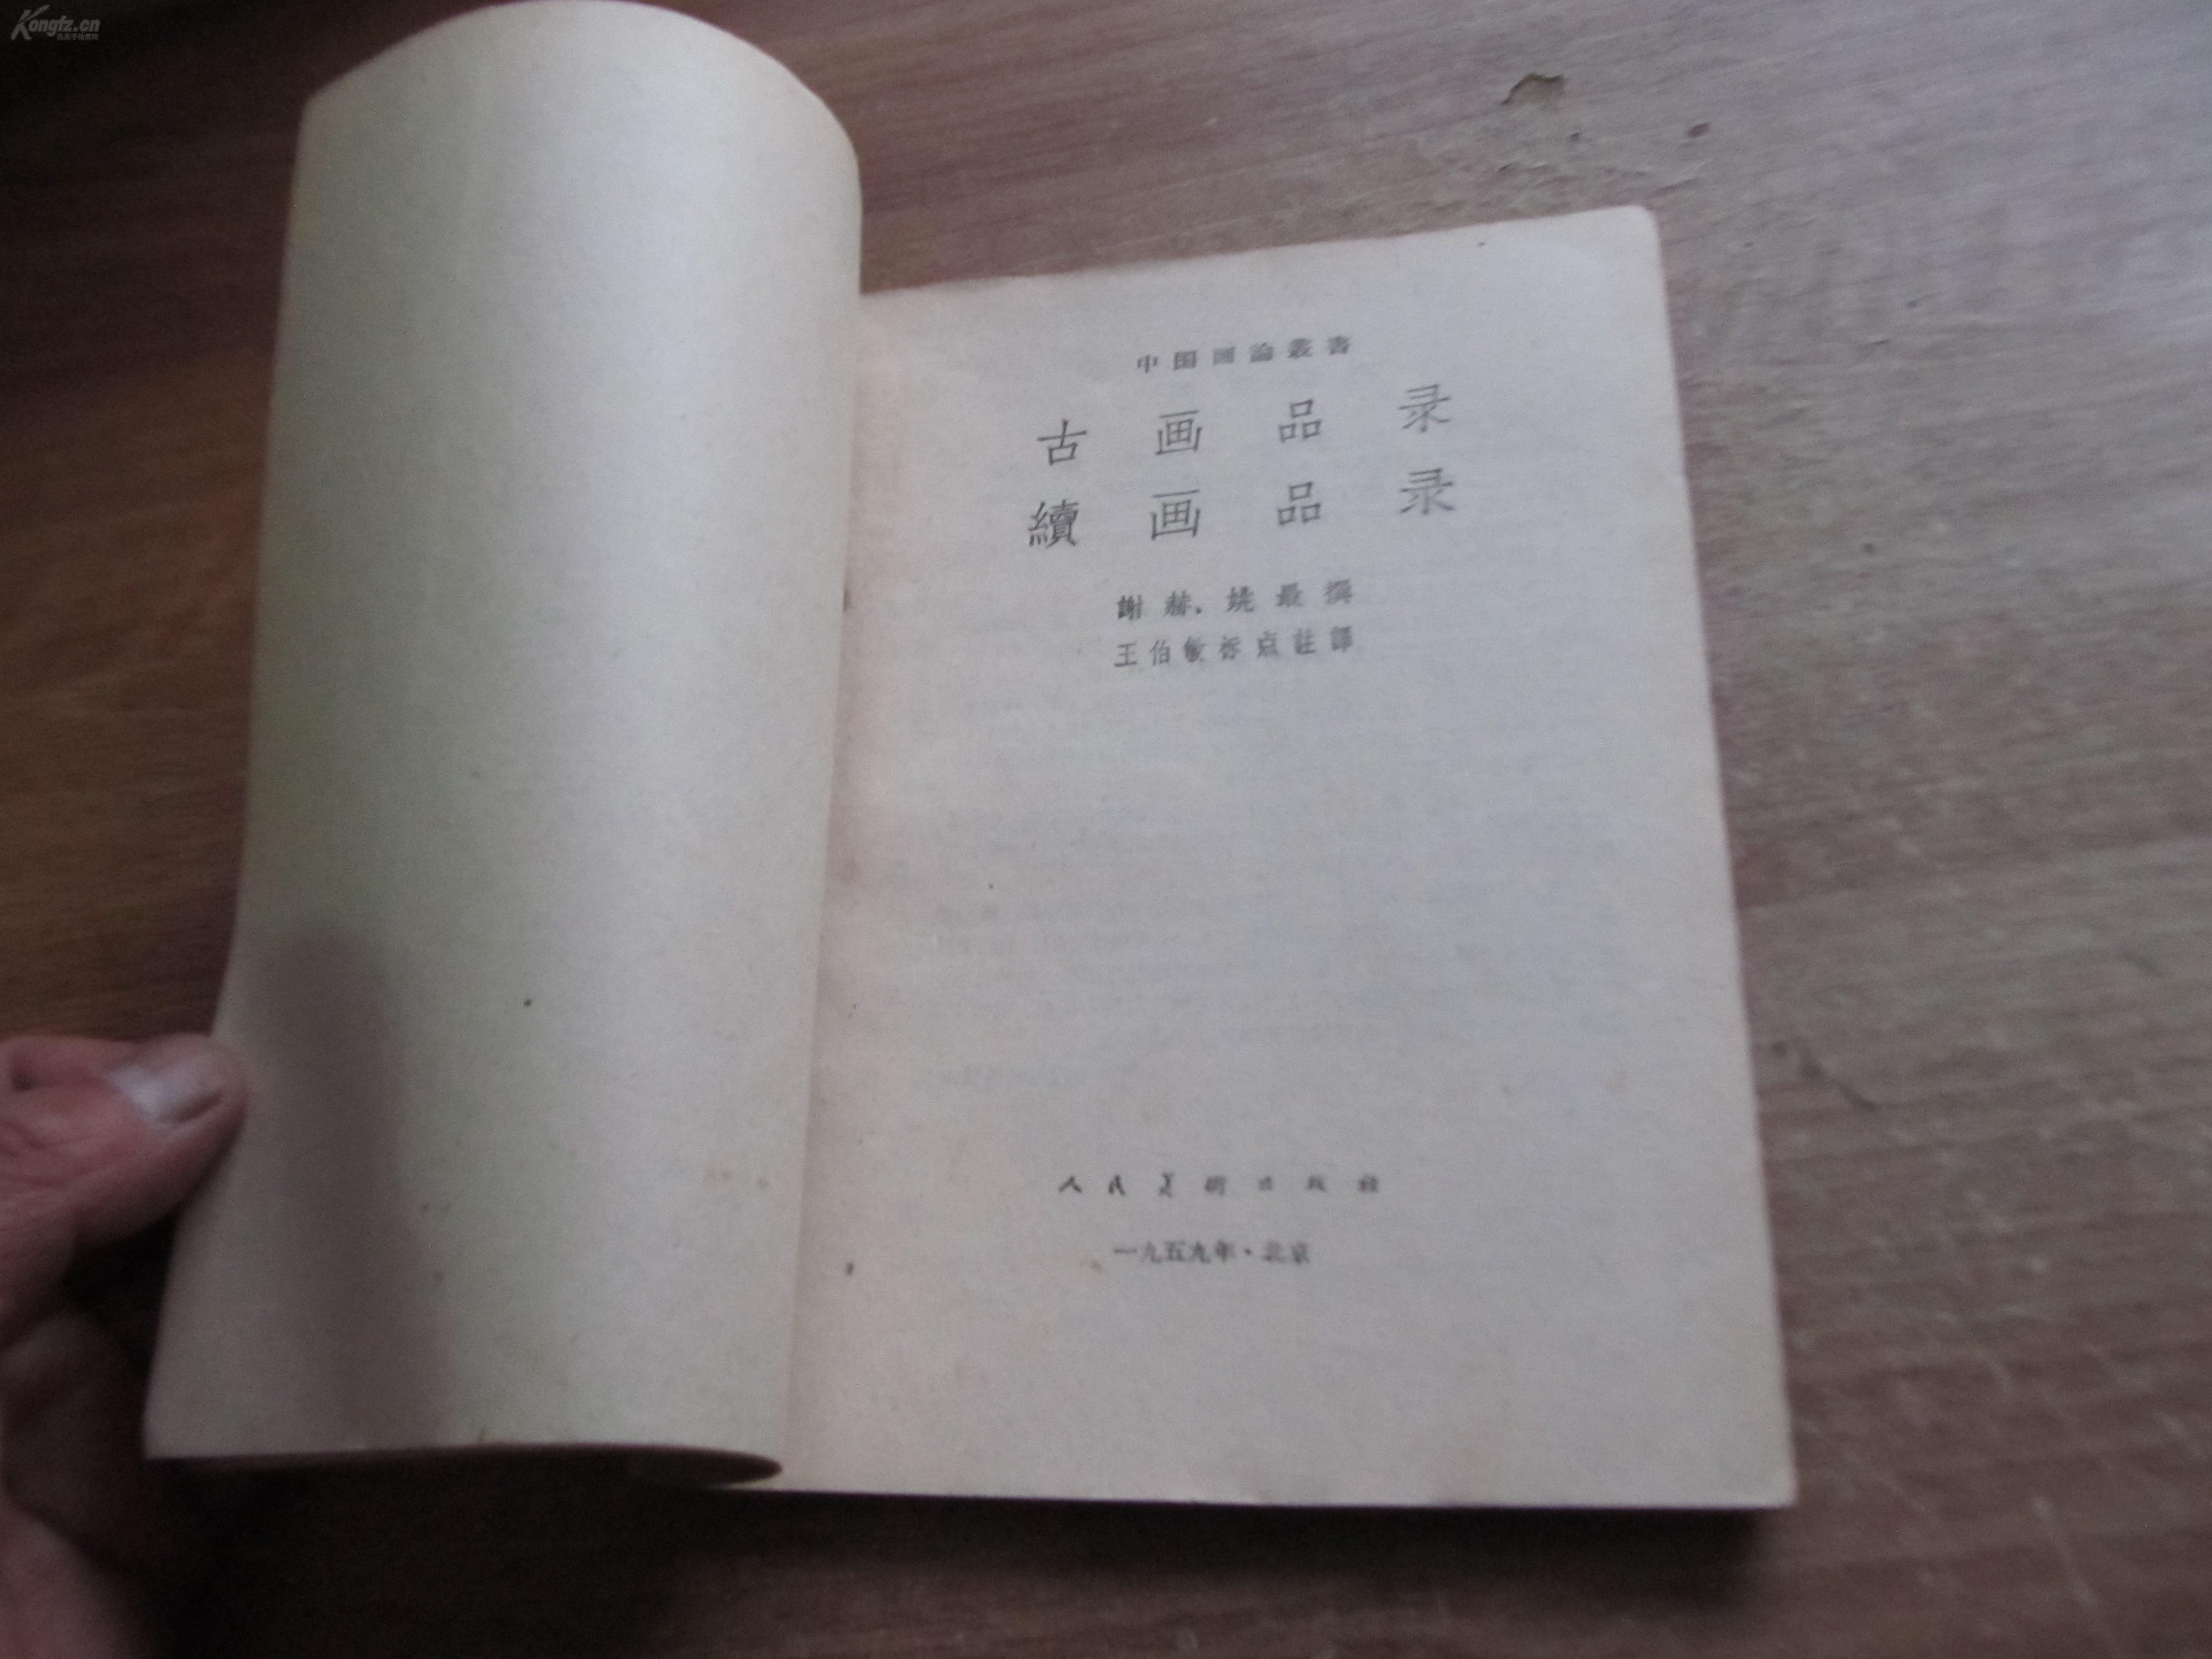 谢赫古画品录的相关问题_南齐谢赫在古画品录提出_古画品录 谢赫